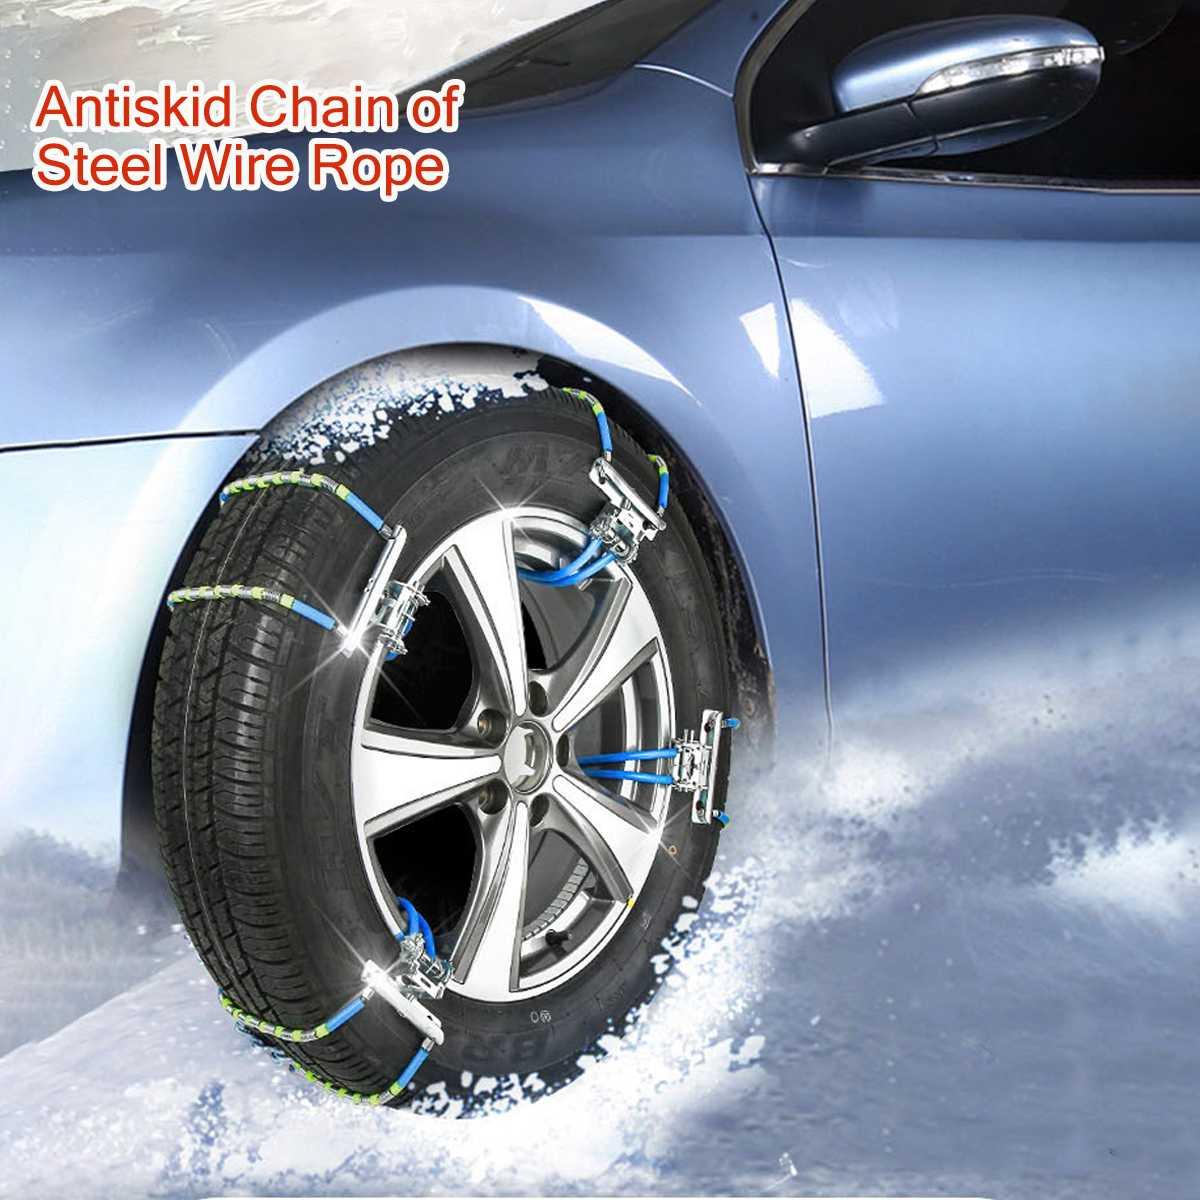 Araba lastiği kar zinciri ayarlanabilir Anti-skid güvenlik yapış Skid lastik tekerlek zincirleri kış çelik kamyon araba SUV için 165-245mm